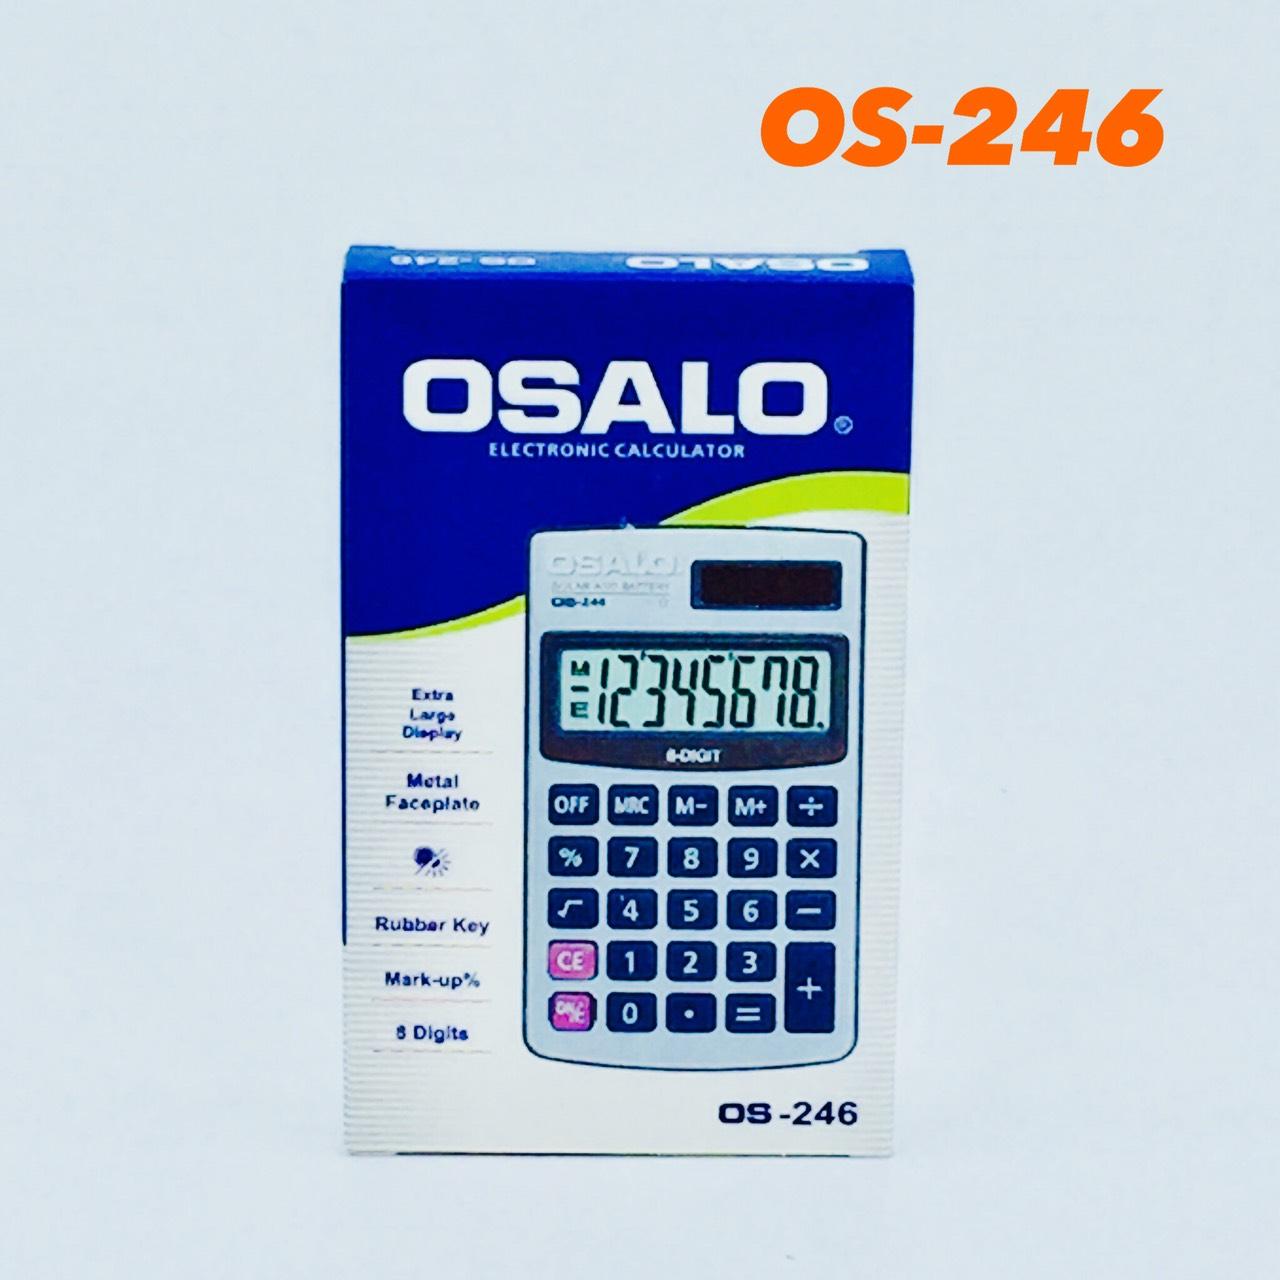 เครื่องคิดเลขจีน osalo รุ่น OS-246